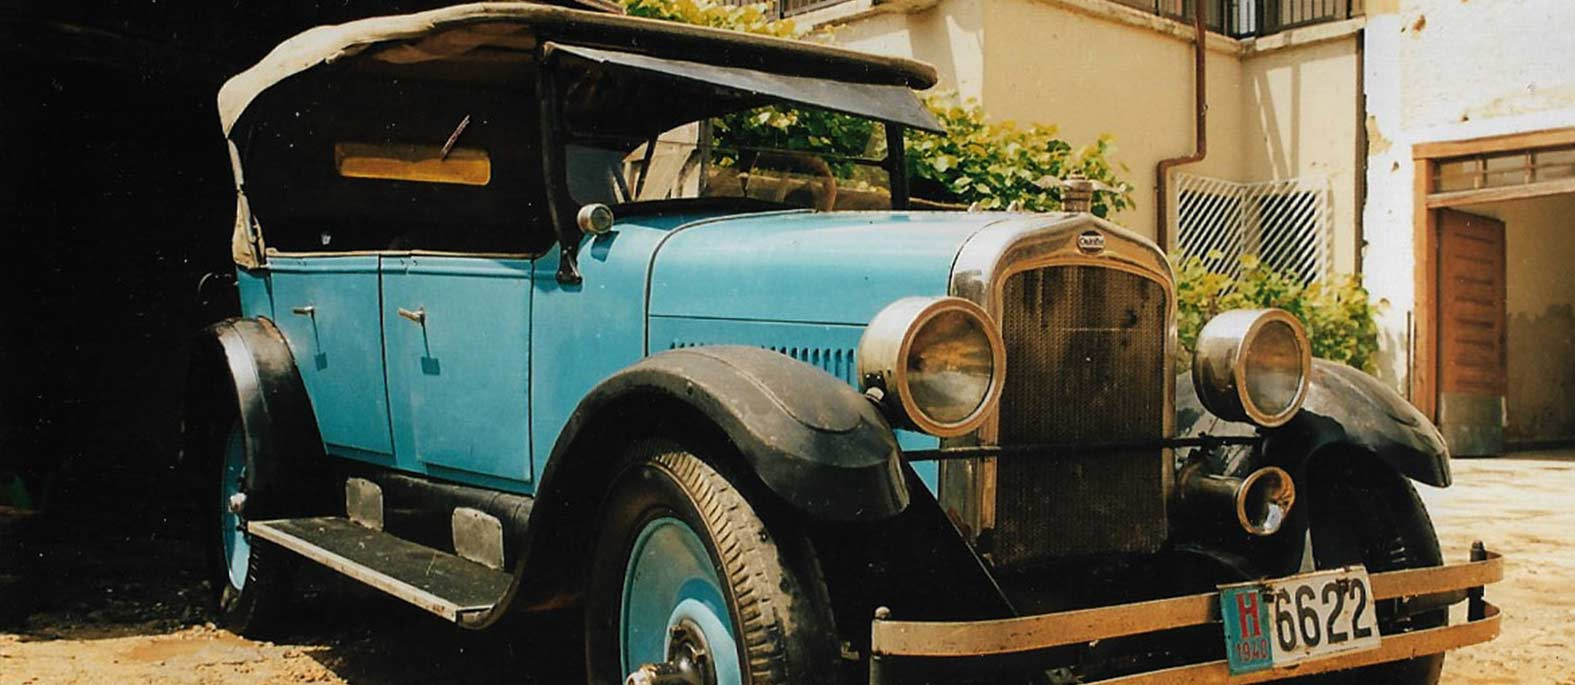 Oakland True Blue Six, 1925. - najstarije originalno hrvatsko pokretno kulturno dobro s pedigreom